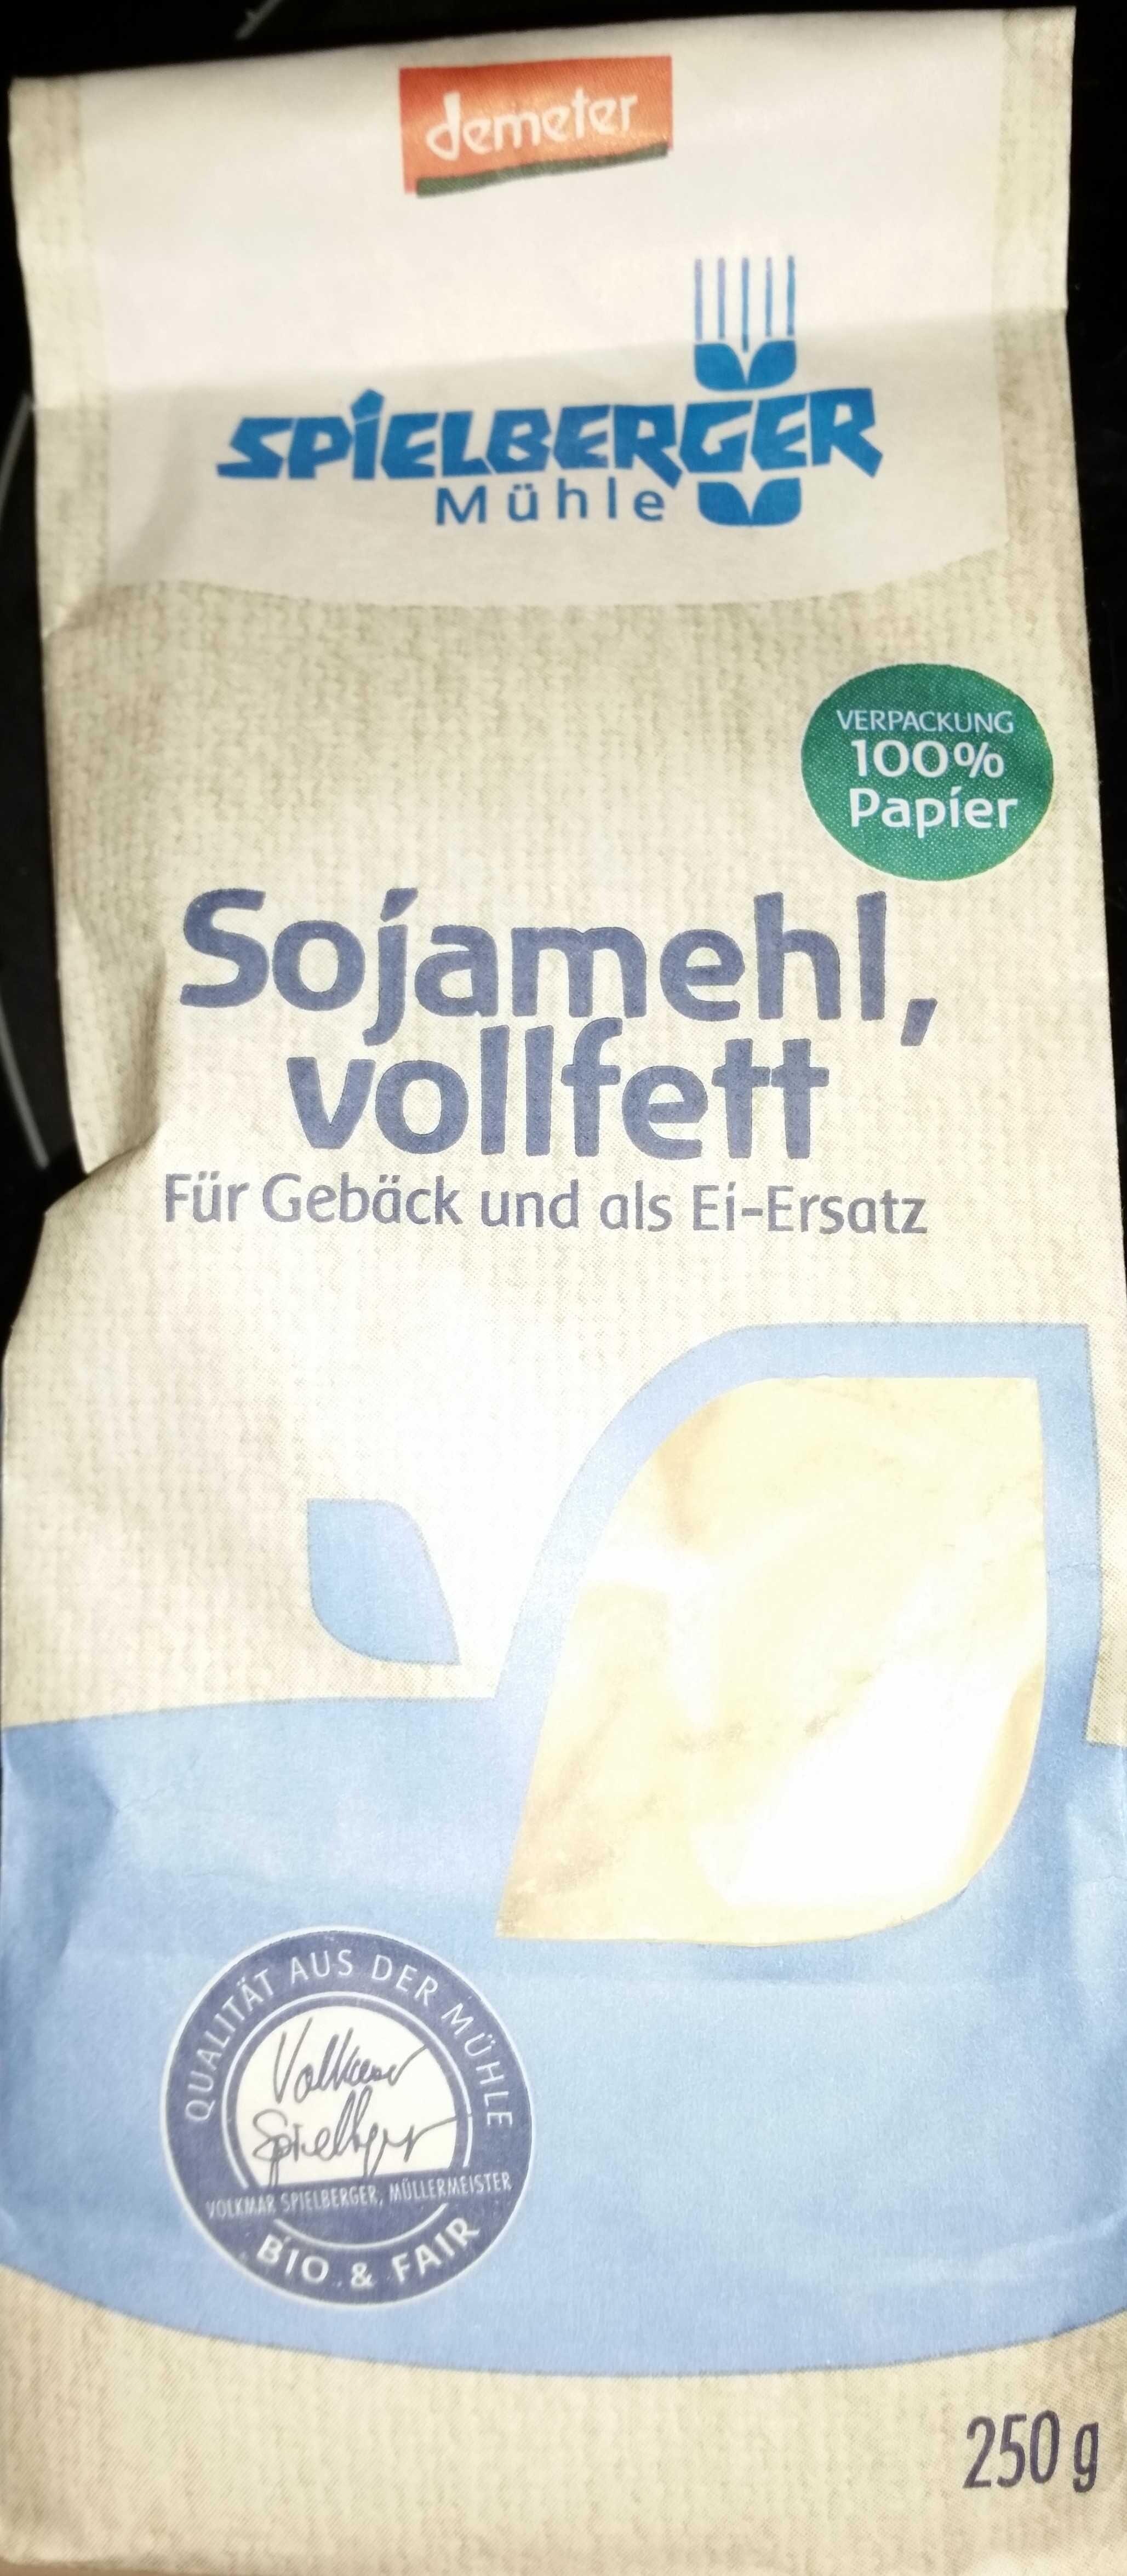 Sojamehl vollfett - Product - en